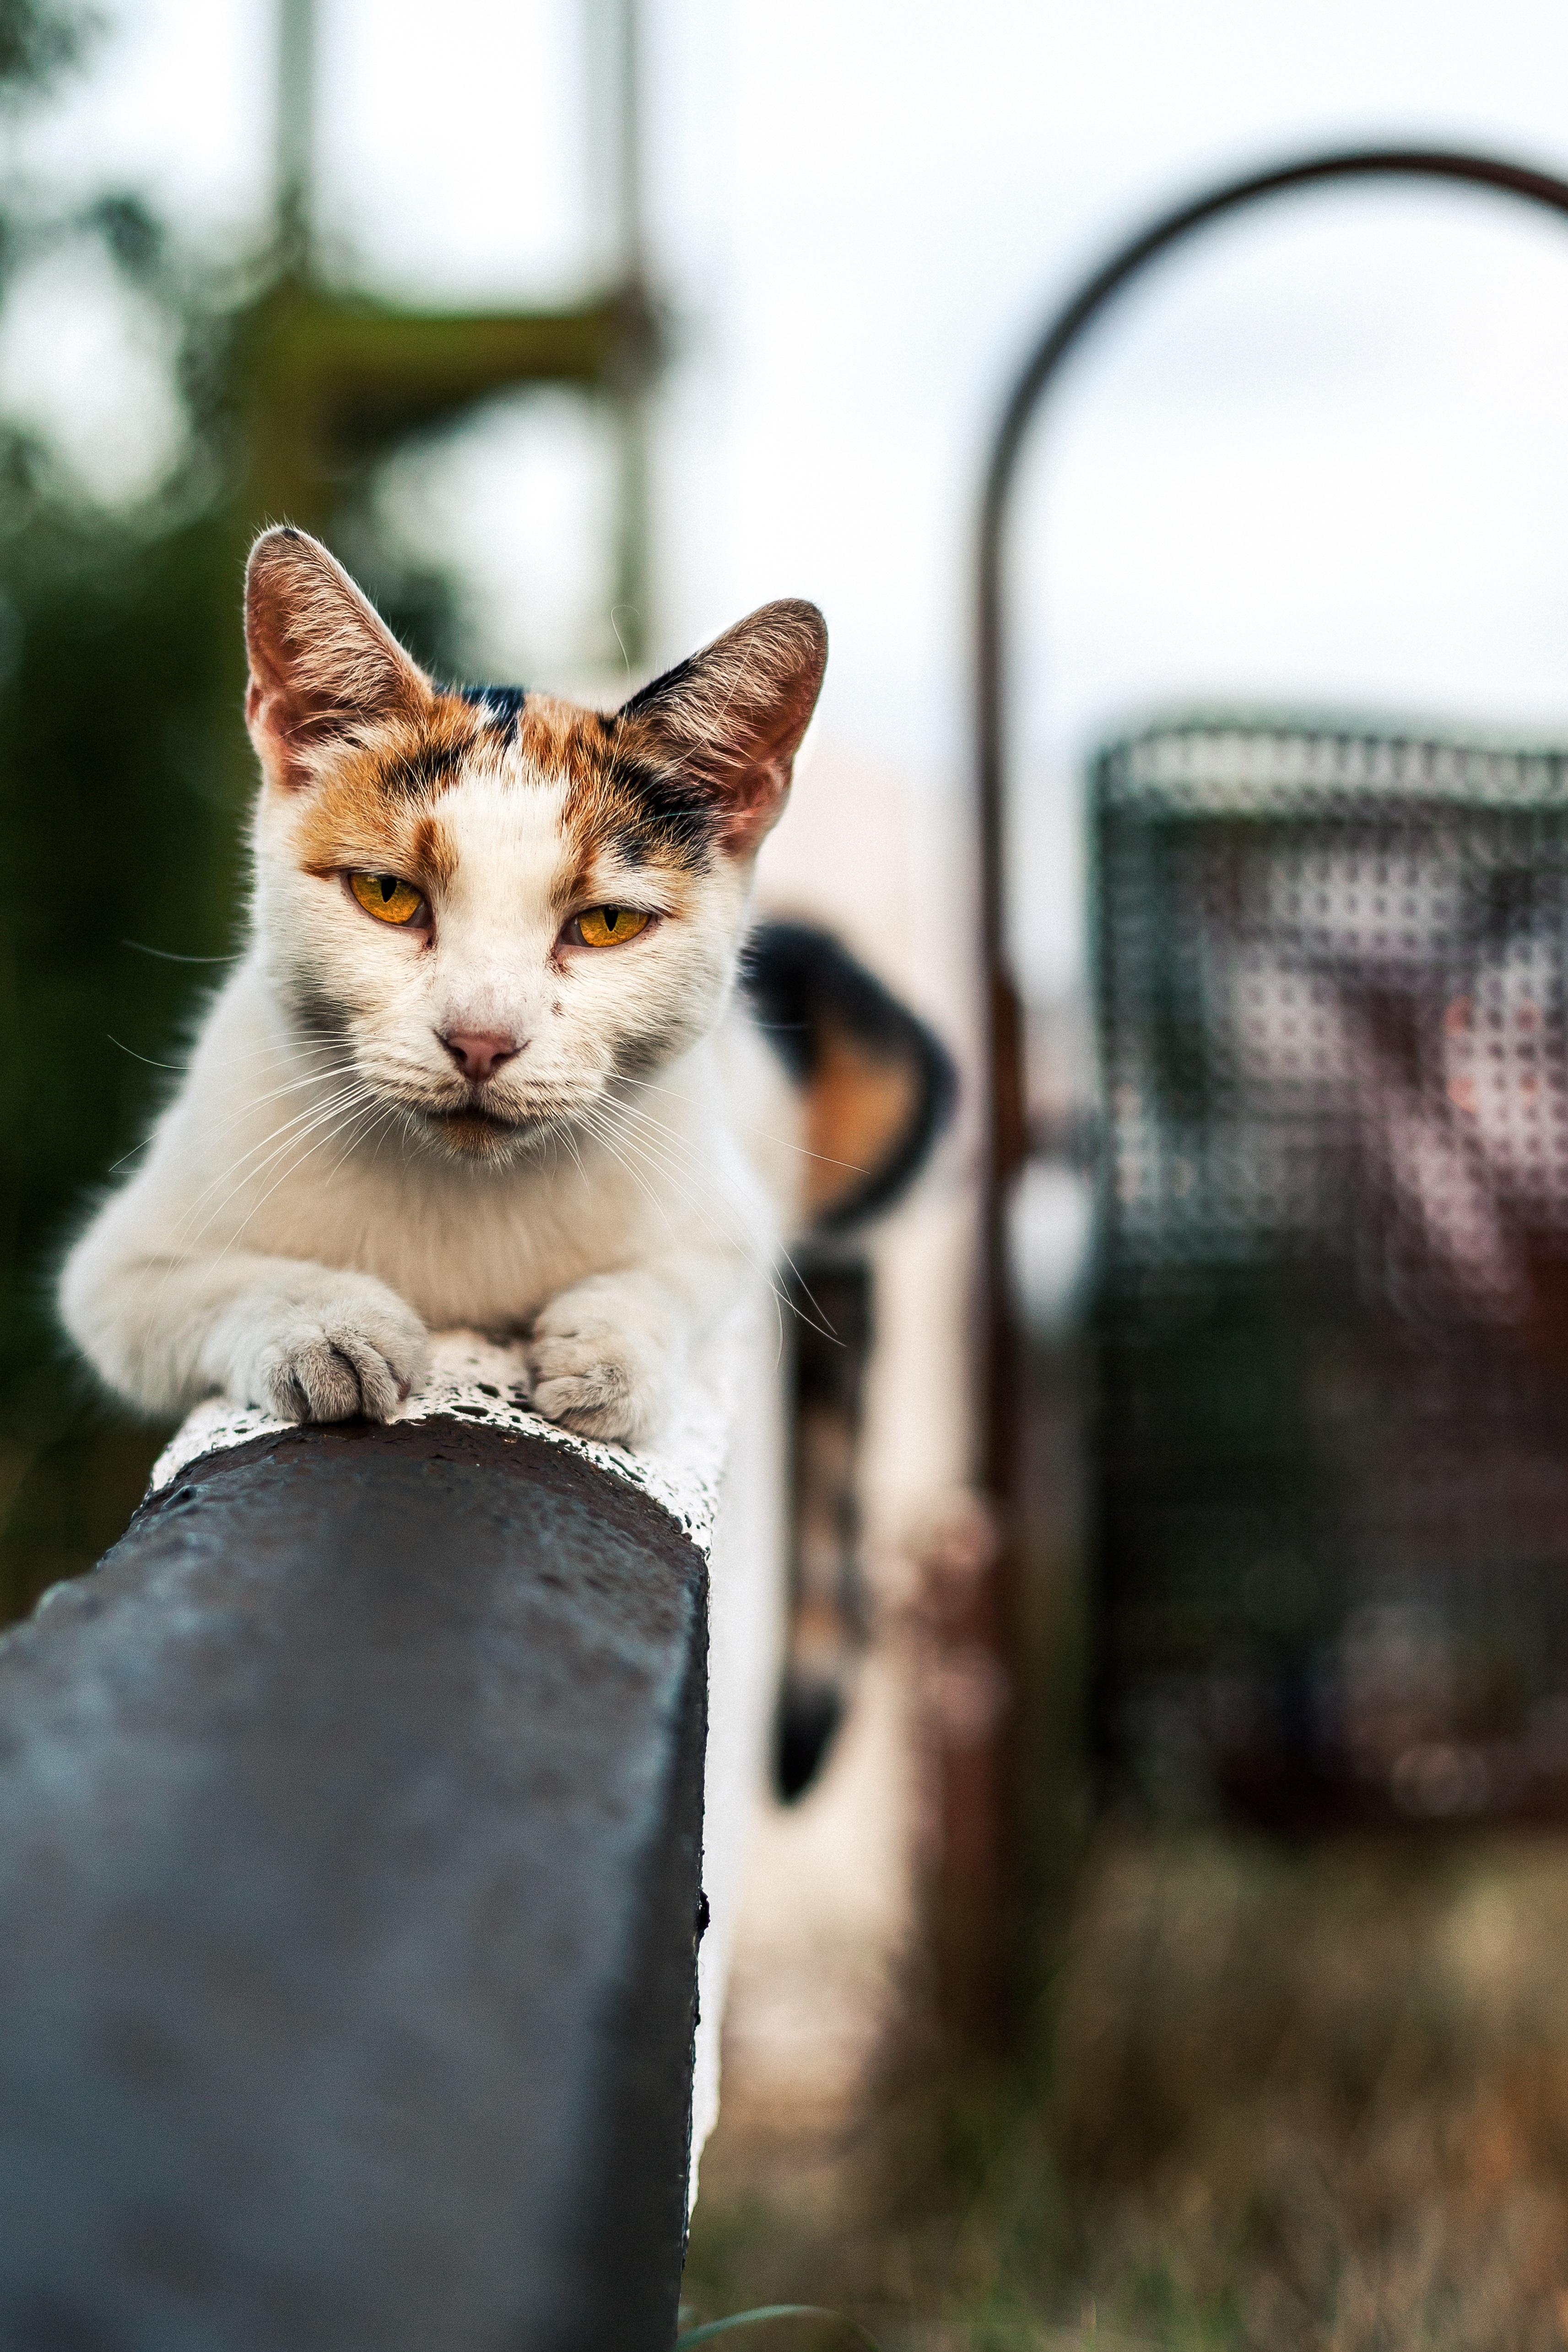 Poze Drăguţ In Cautarea Animal De Companie Blană Portret De